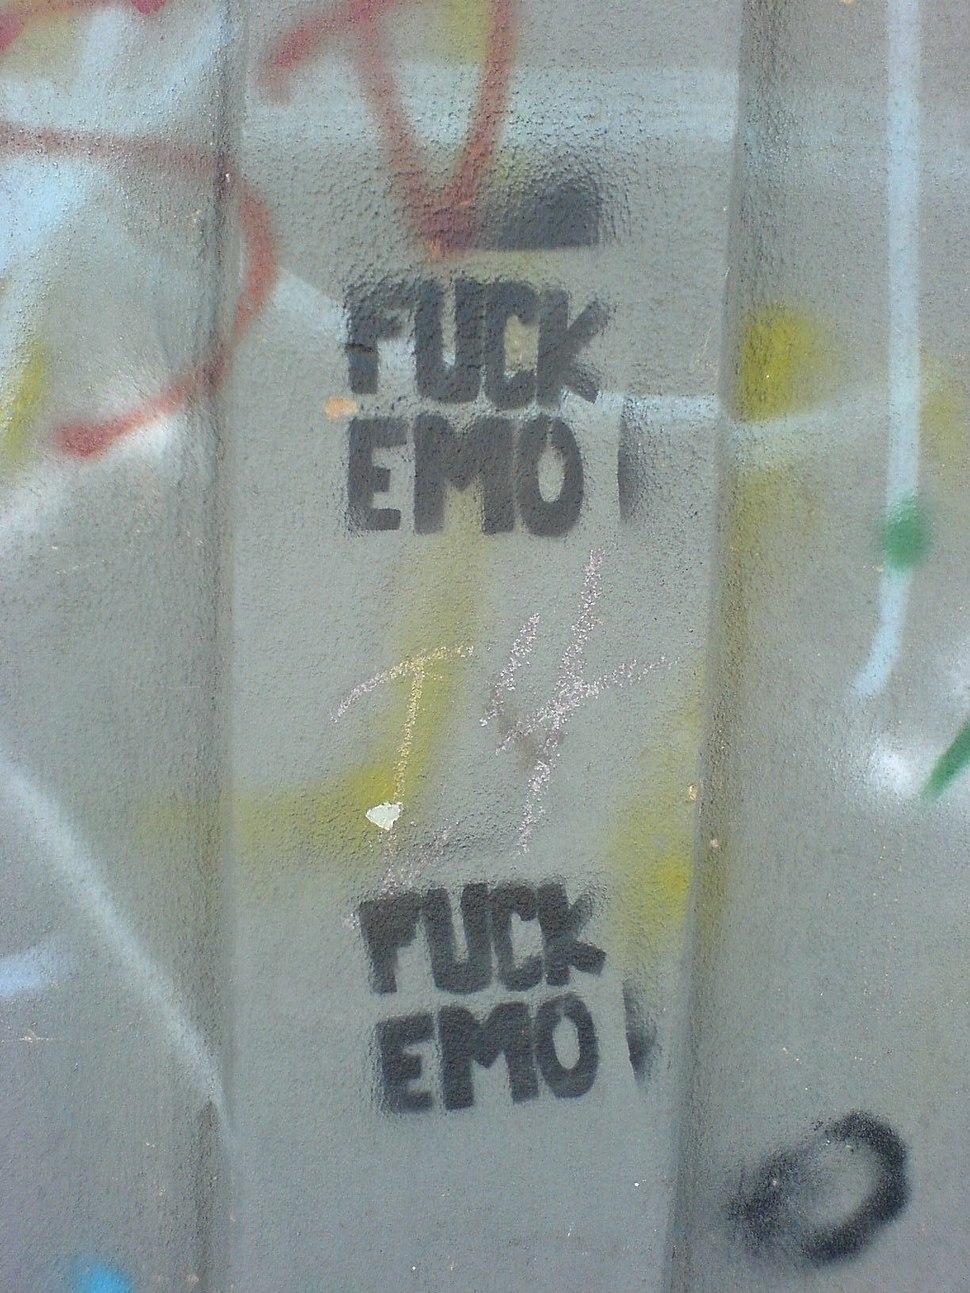 Fuck Emo graffiti